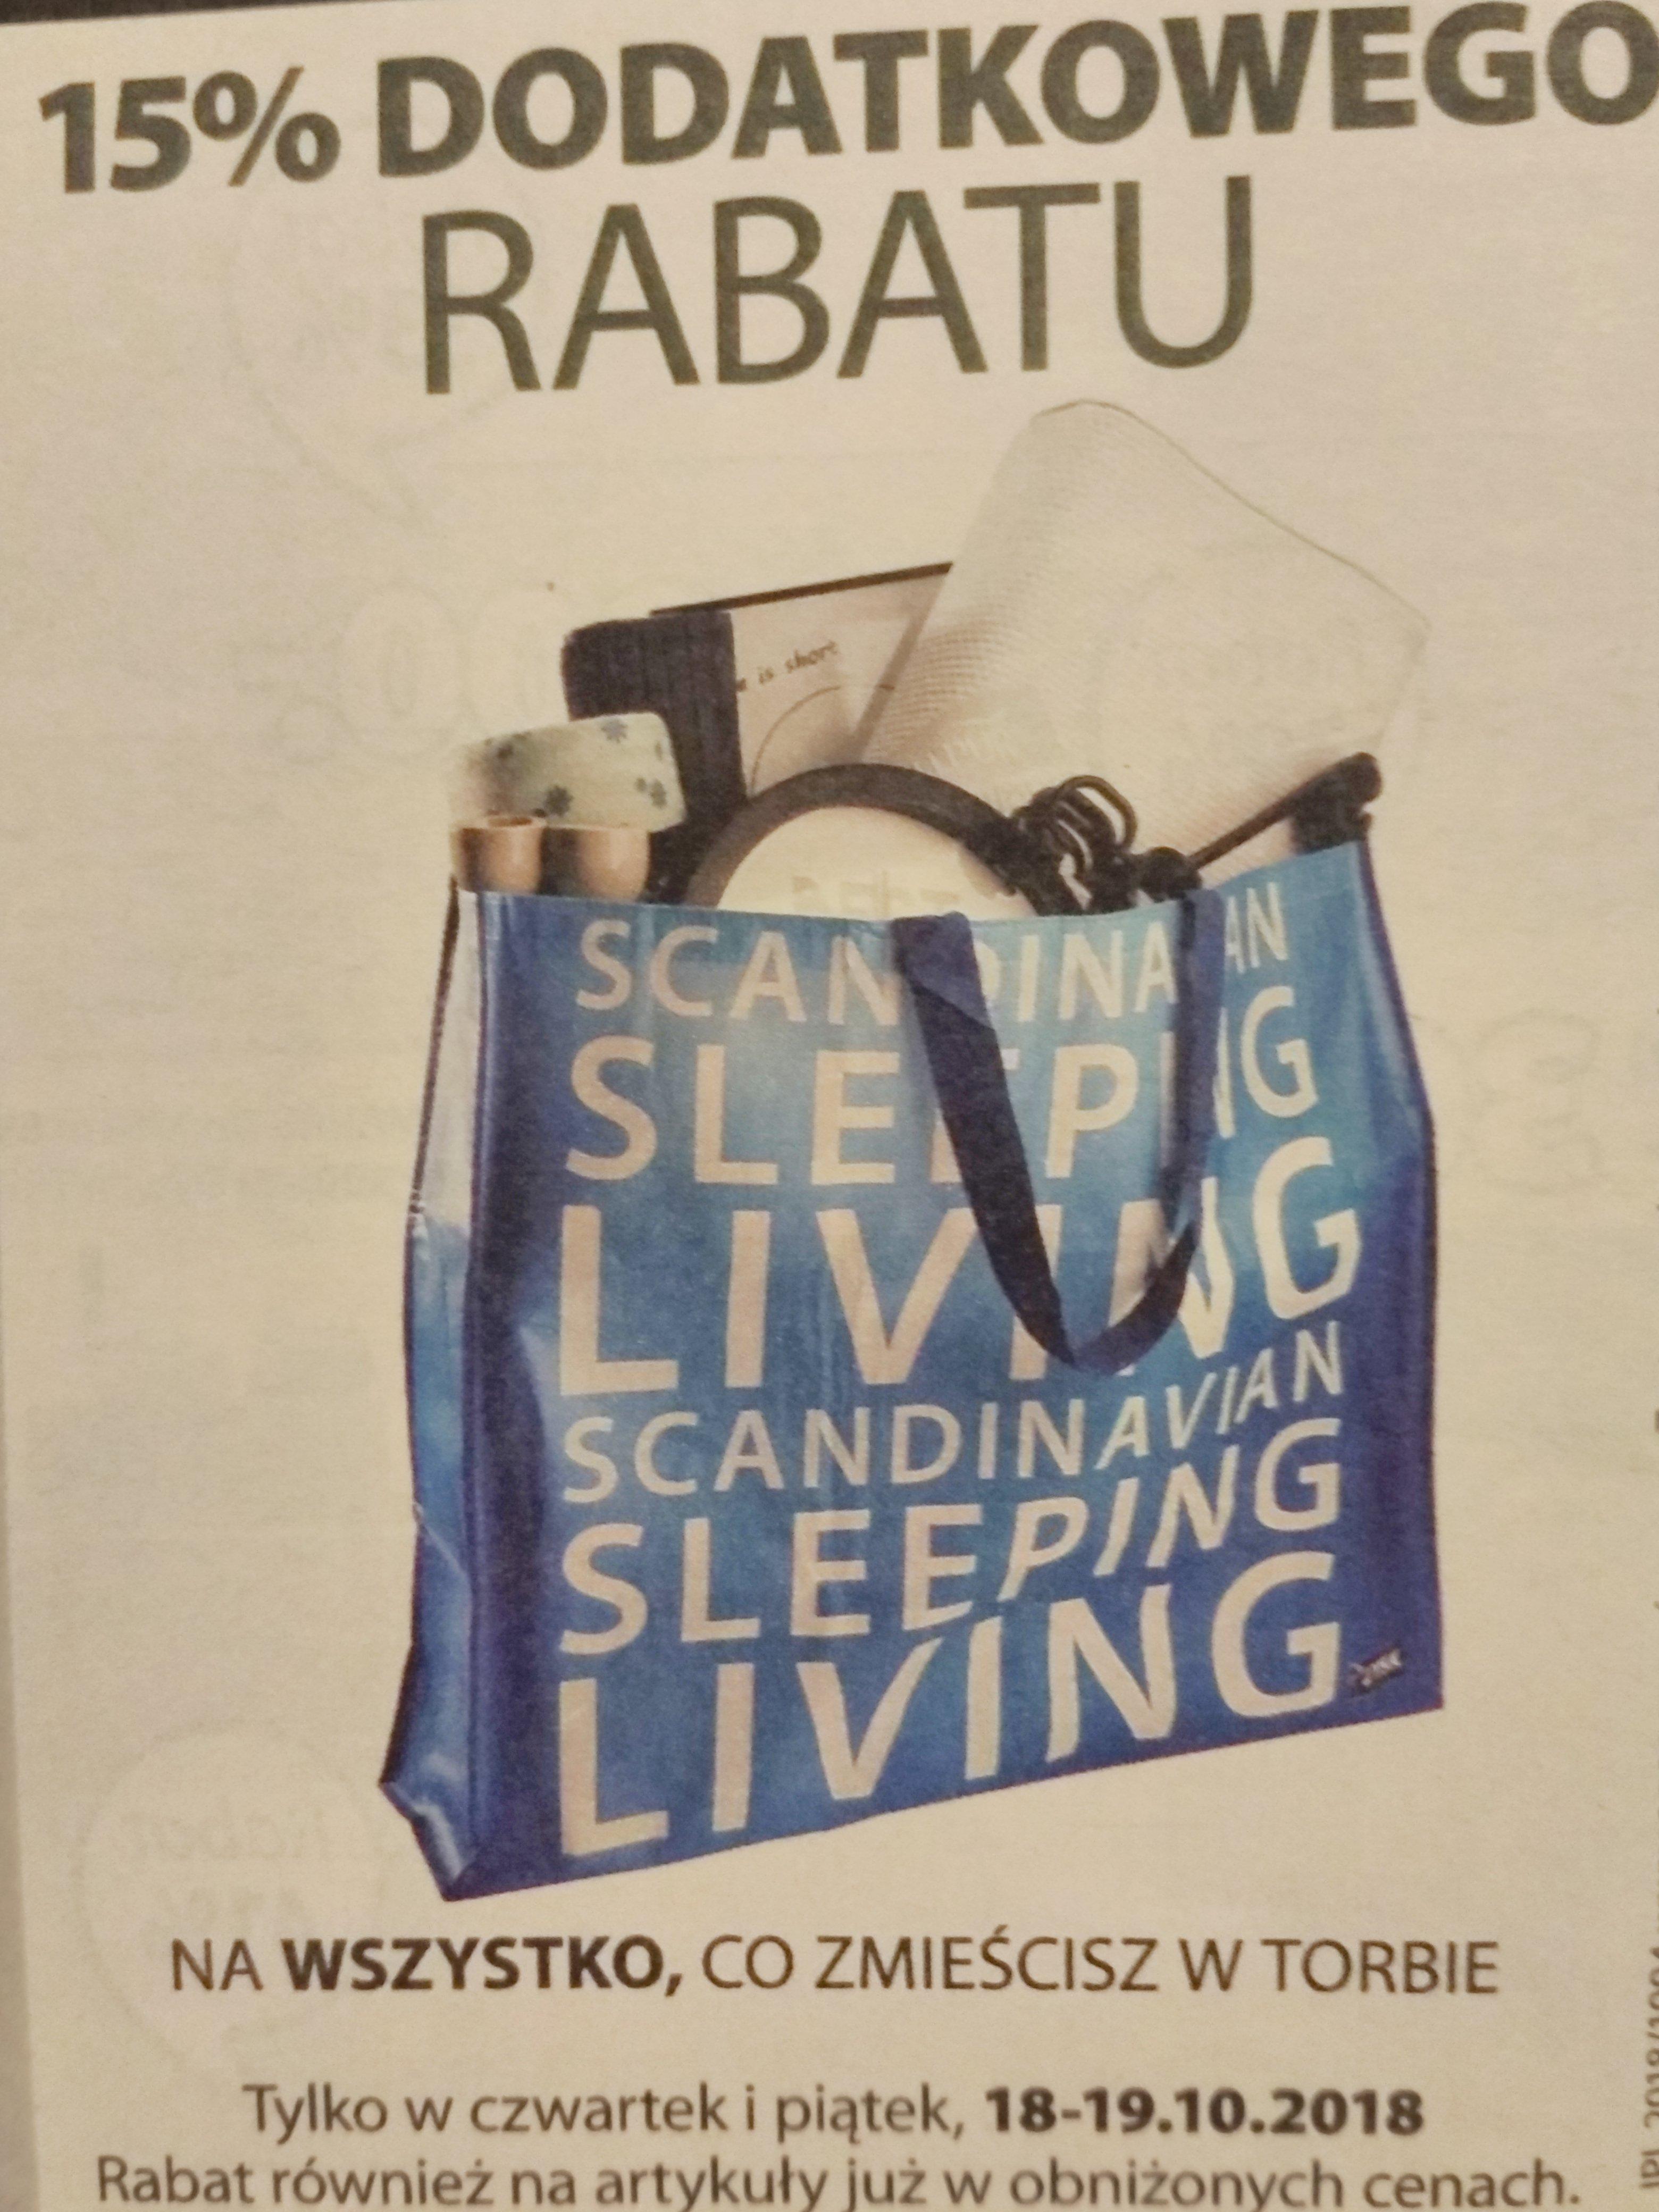 -15% DODATKOWEGO RABATU JYSK  na wszystko, co zmieści się w torbie!!!